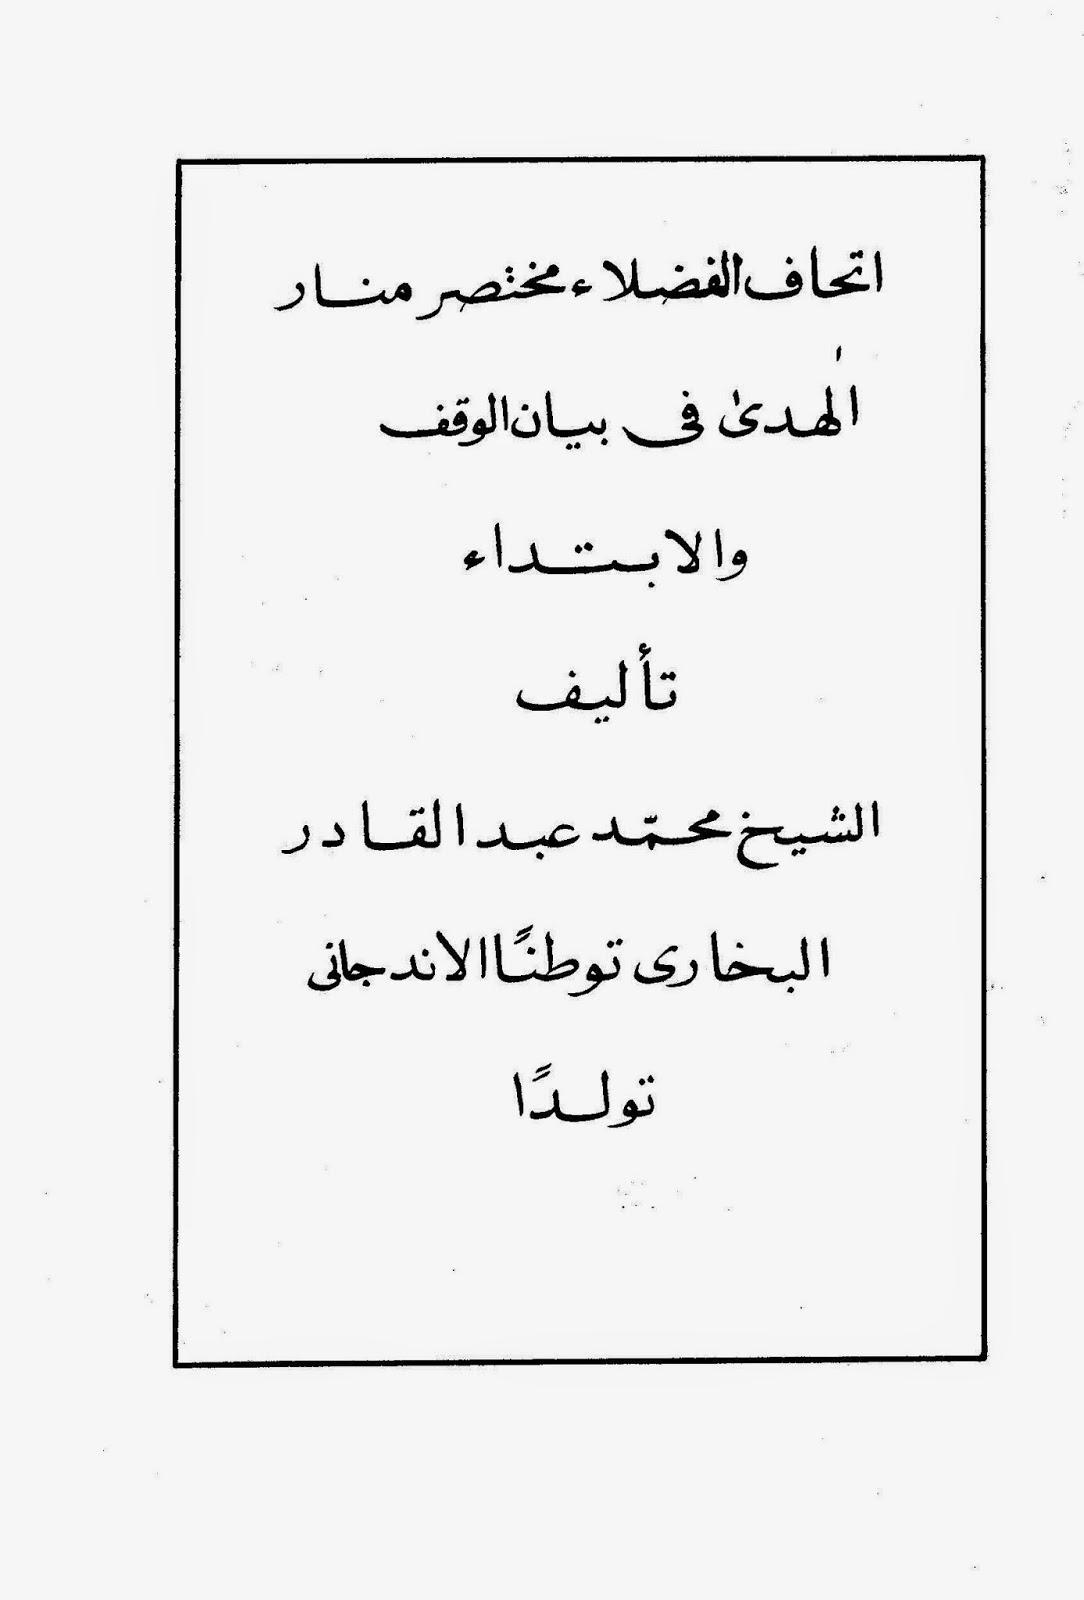 اتحاف الفضلاء في بيان الوقف والابتداء - محمد عبد القادر pdf